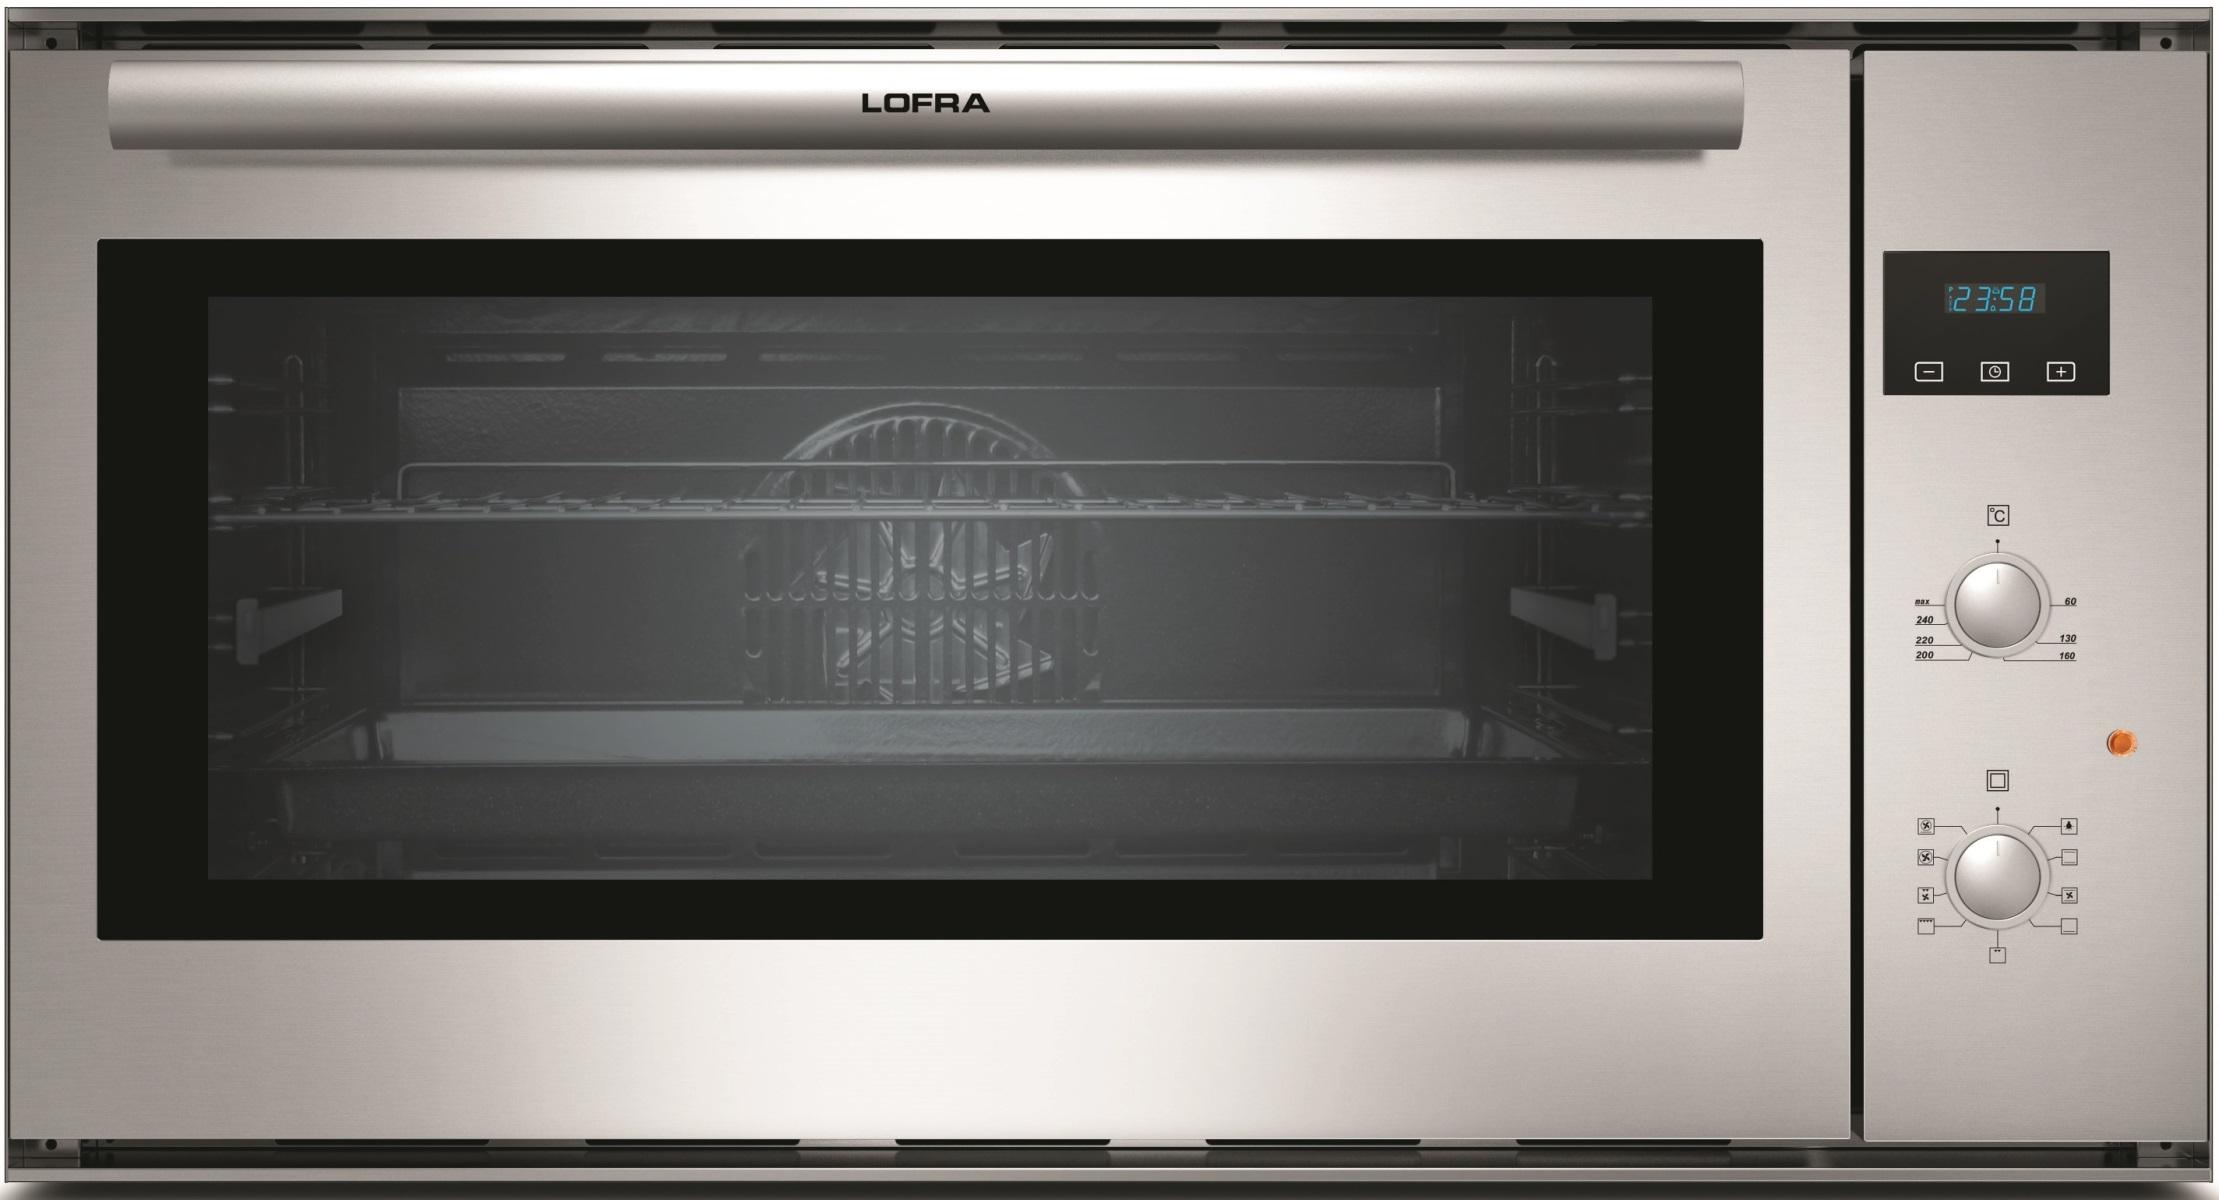 Lofra 930 Fys99ee Multifunktion Einbau Backofen 90 Cm Breit